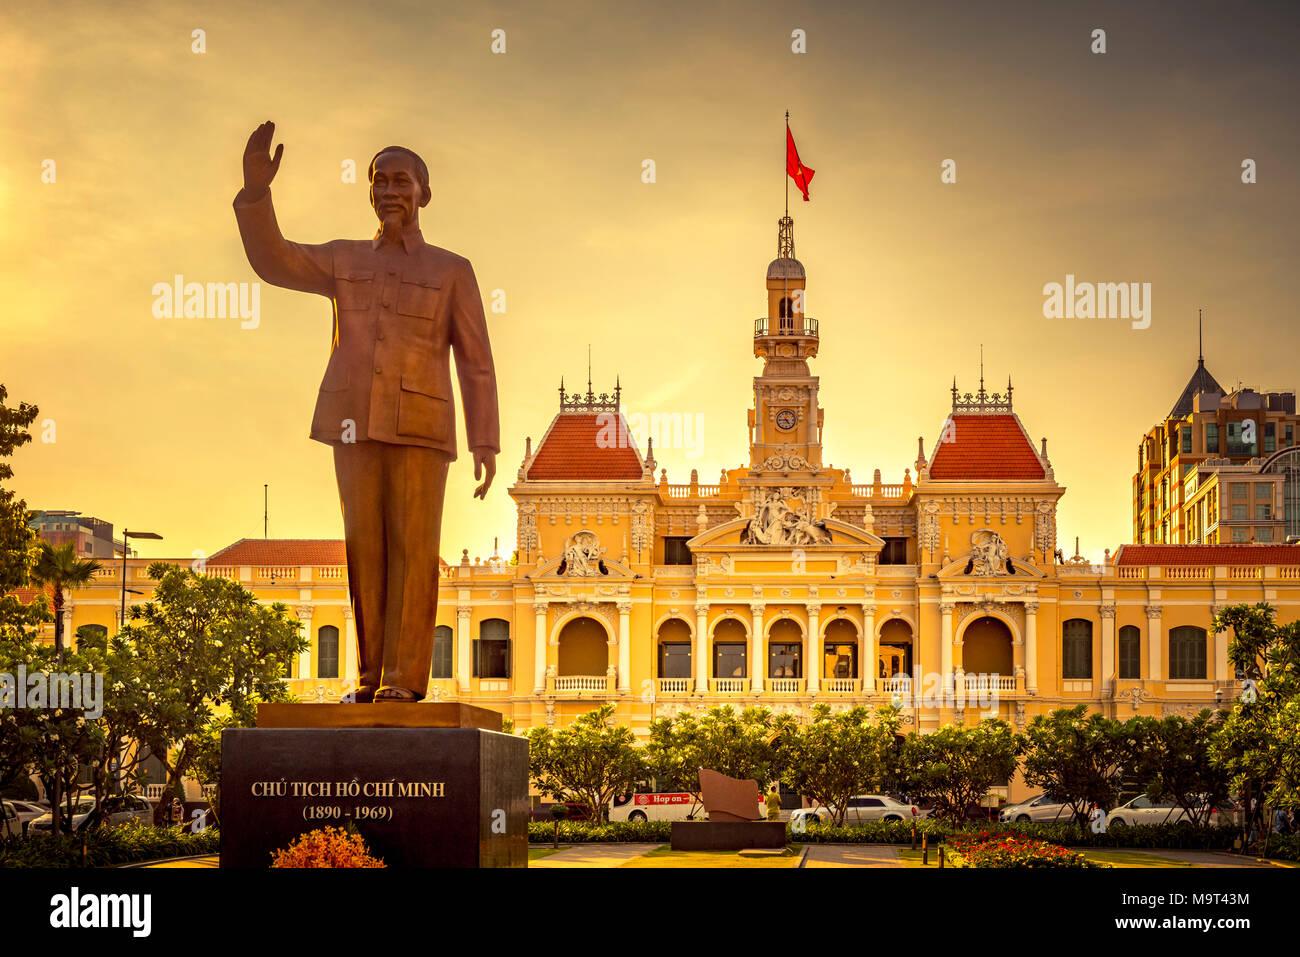 Asien, Südostasien, Südvietnam, Vietnam, Saigon, Ho Chi Minh Stadt, Rathaus - Stock Image